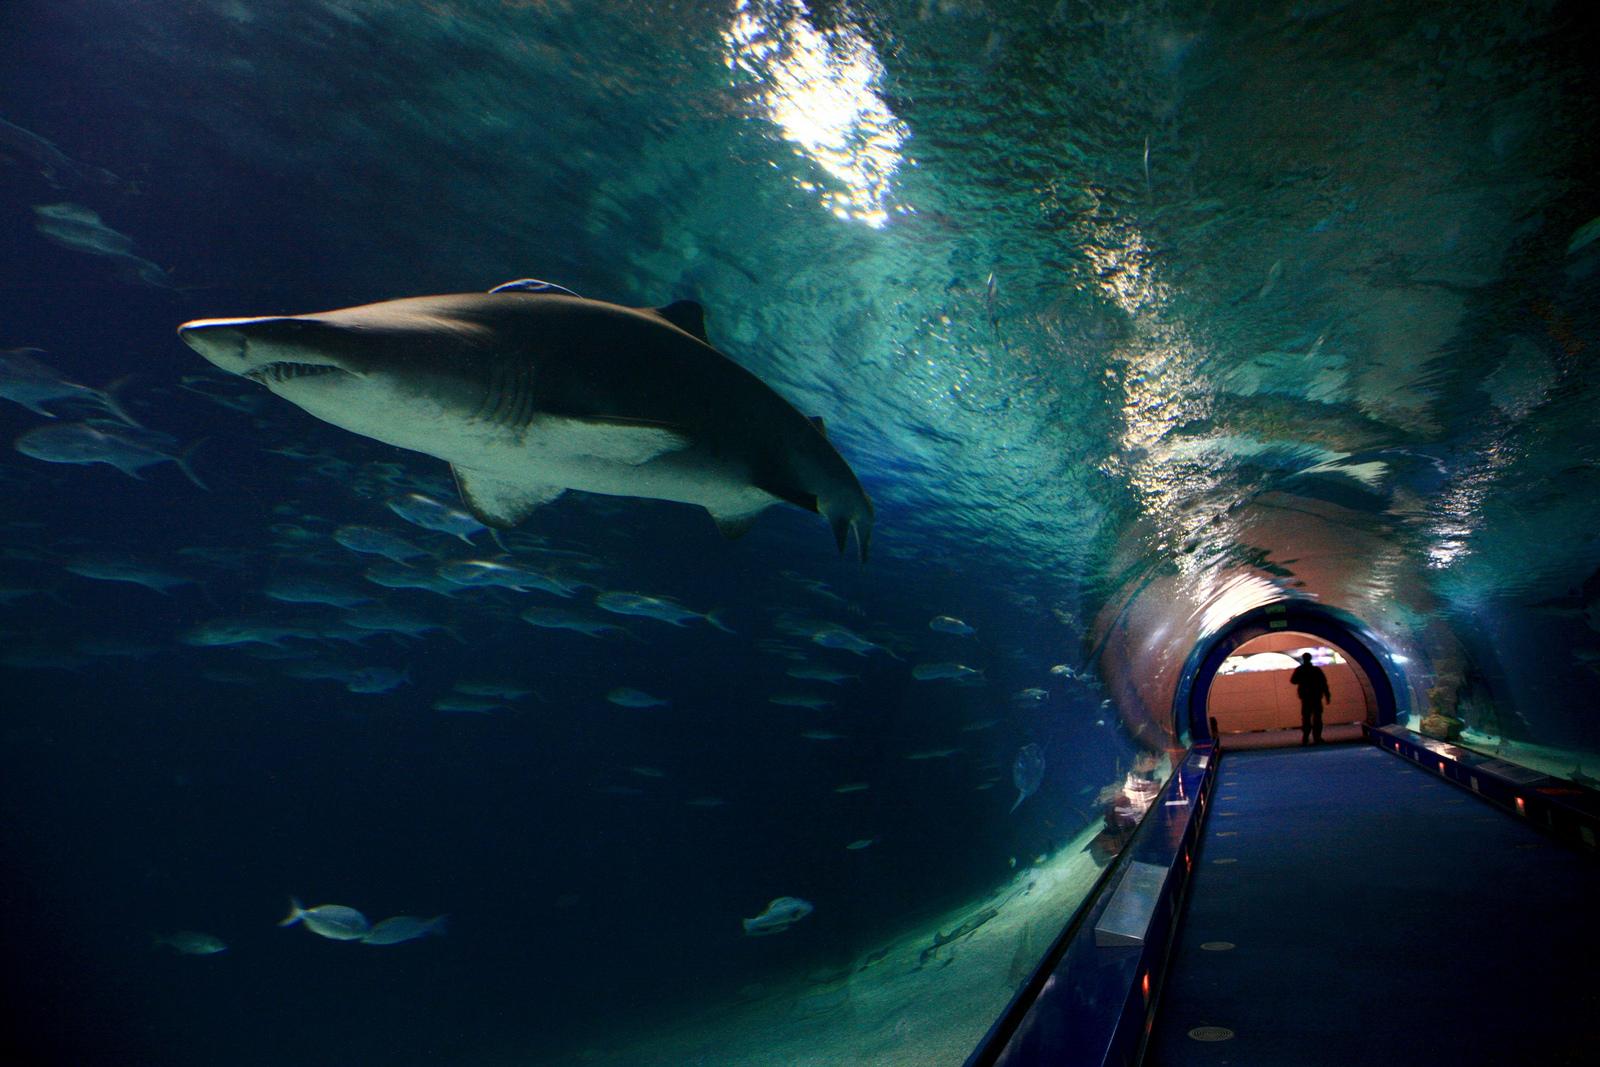 Tunel de Océanos y ejemplar de tiburón. Autor, Ciudad de las Artes y las Ciencias